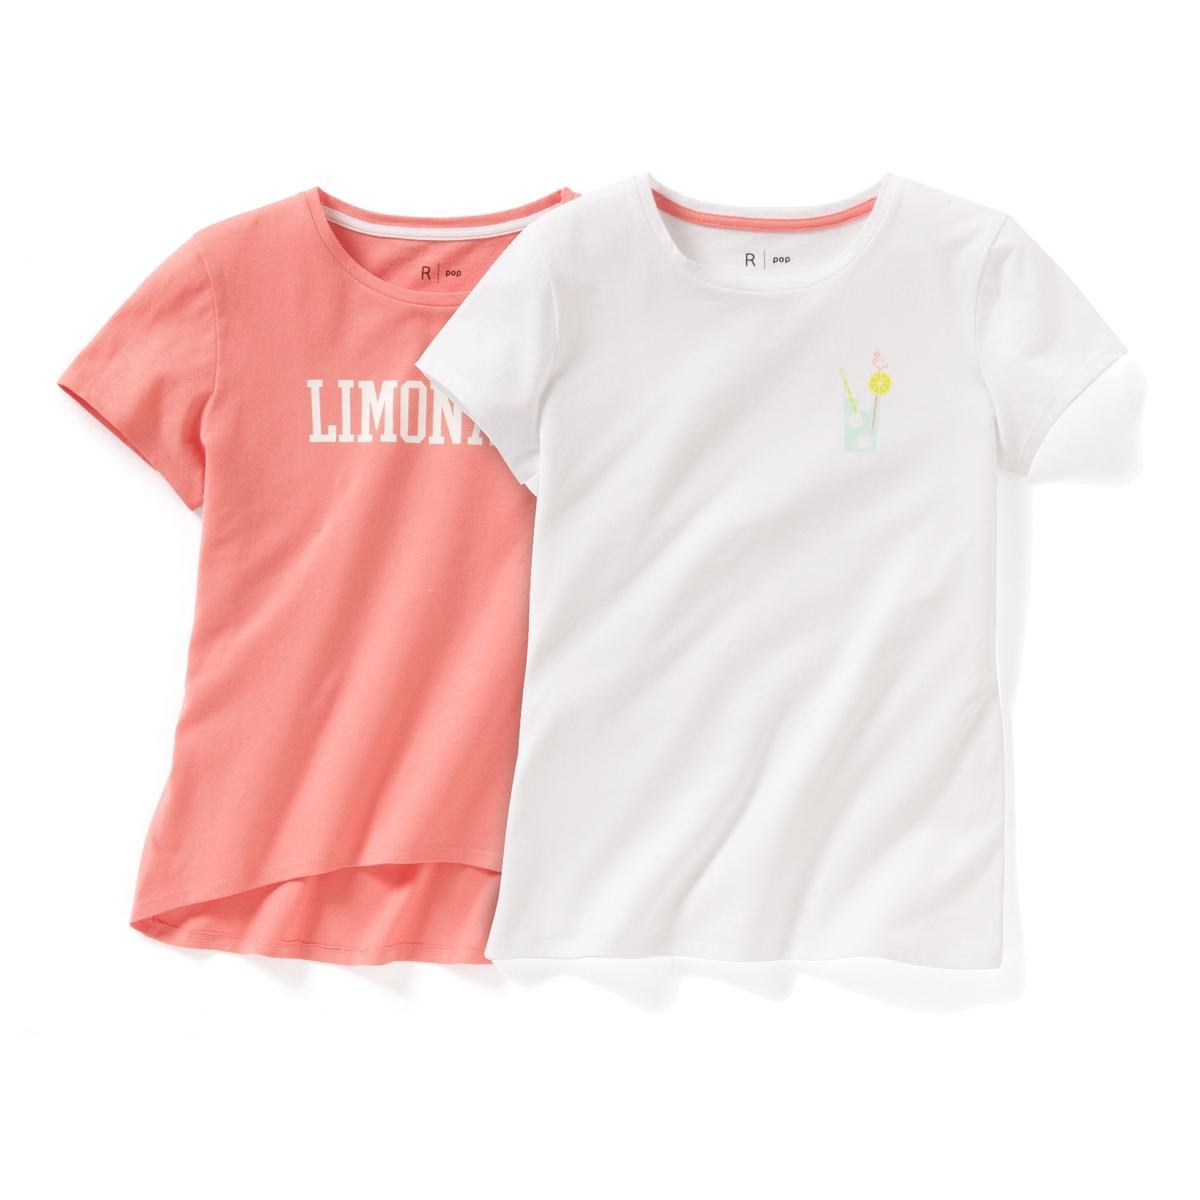 Комплект из футболок с круглым вырезом и рисунком